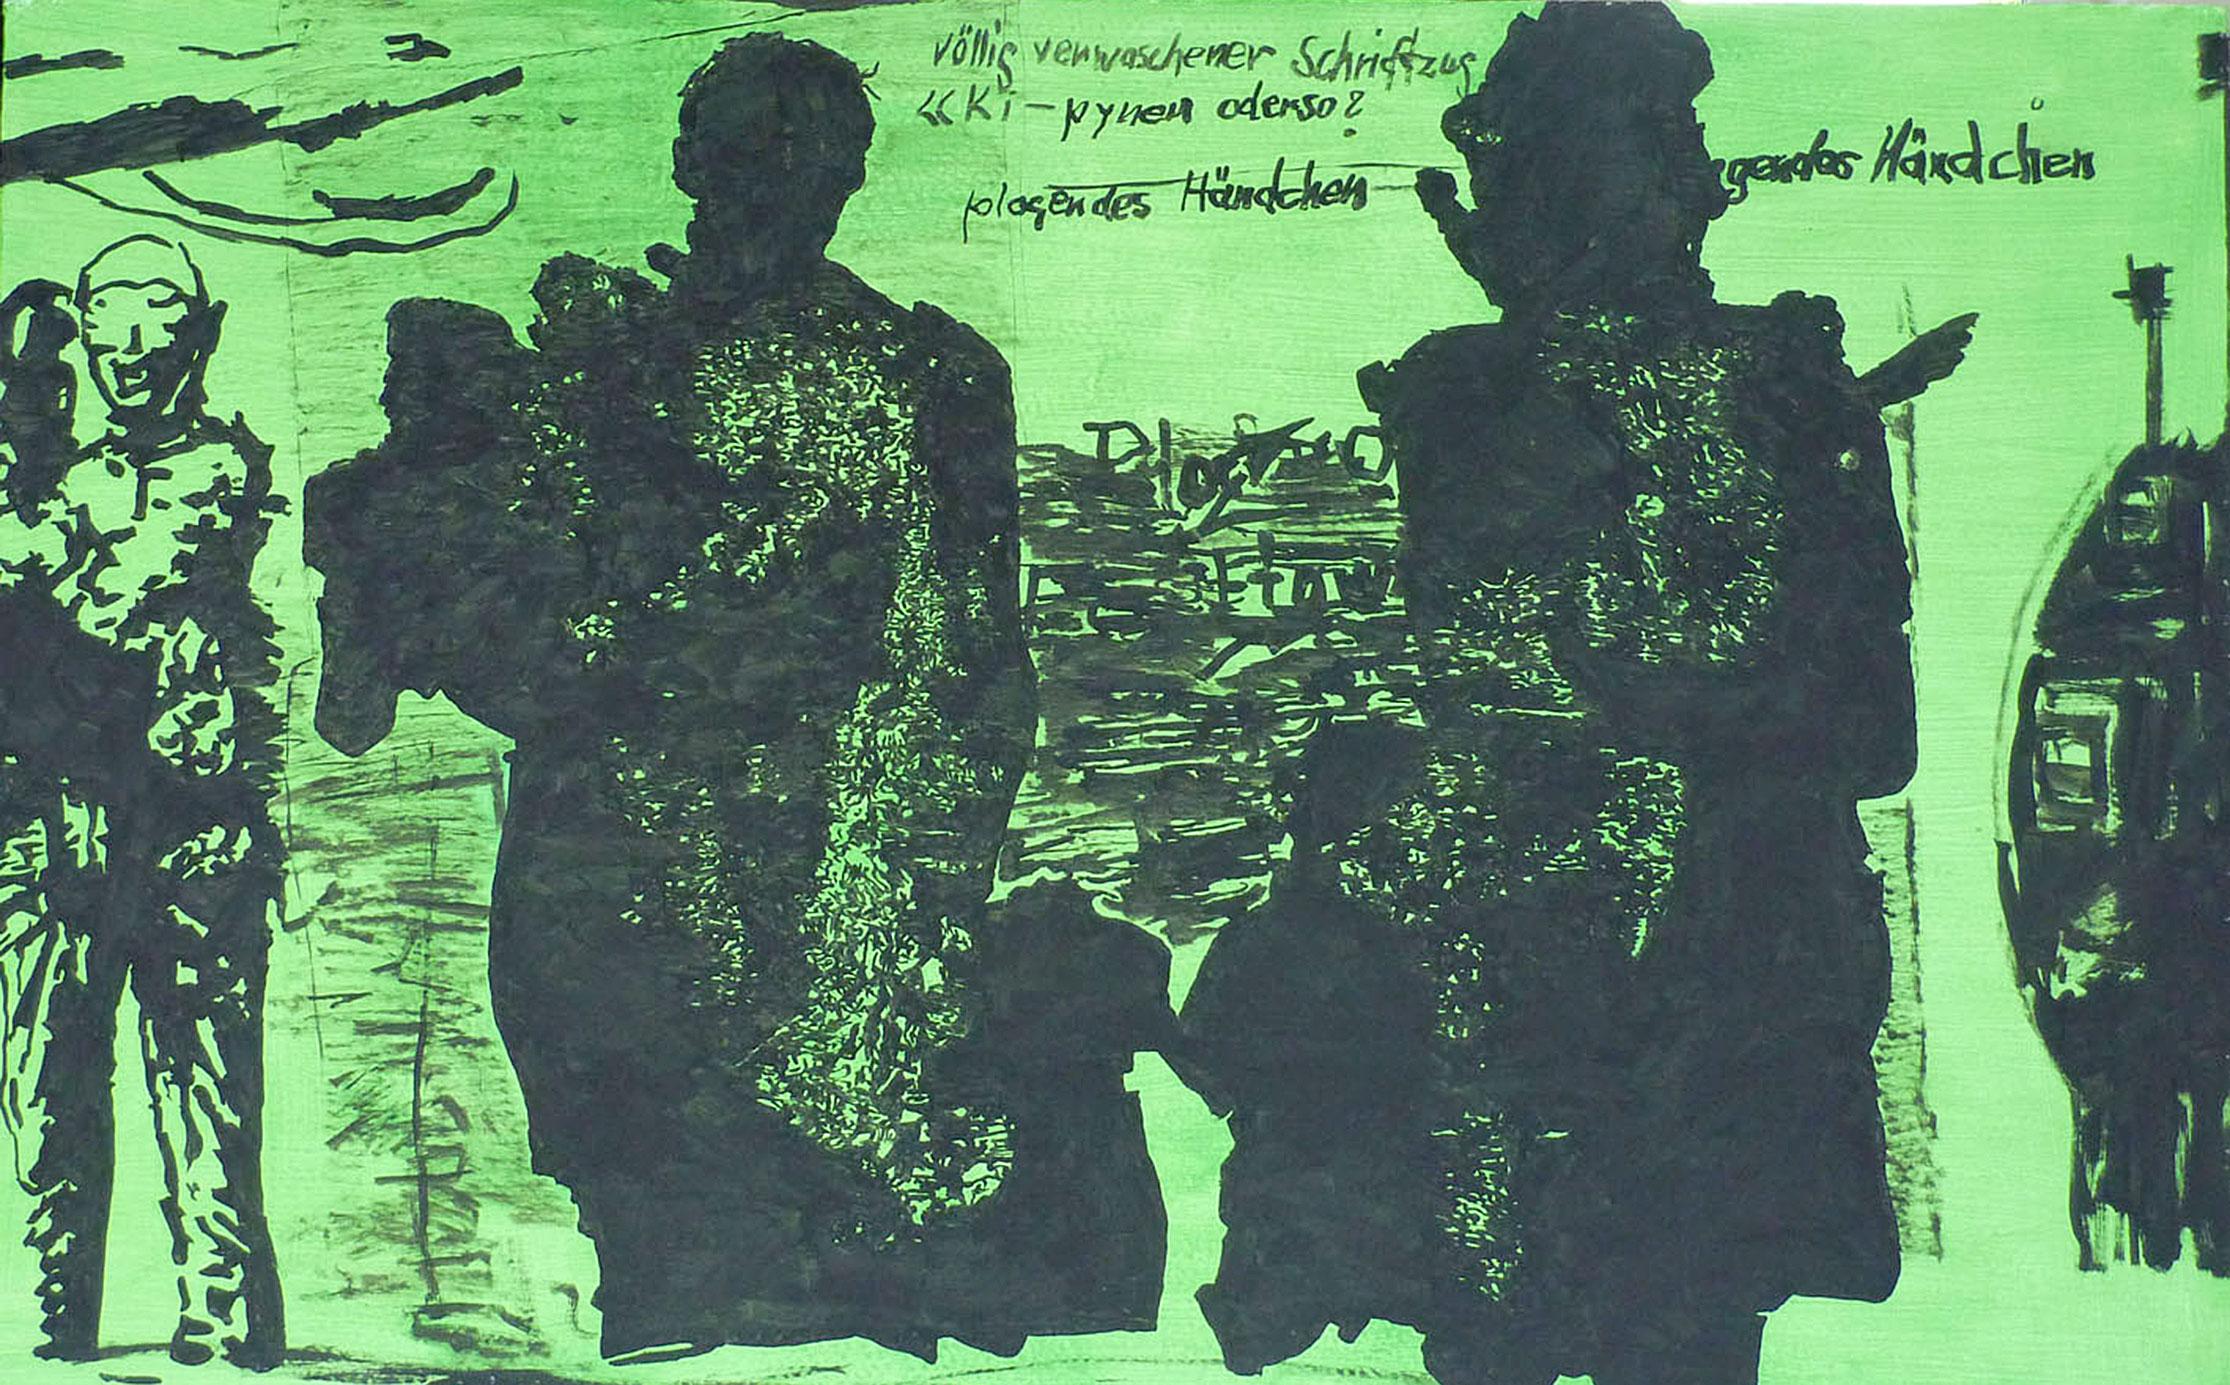 """""""Plagendes Händchen"""", 2009"""